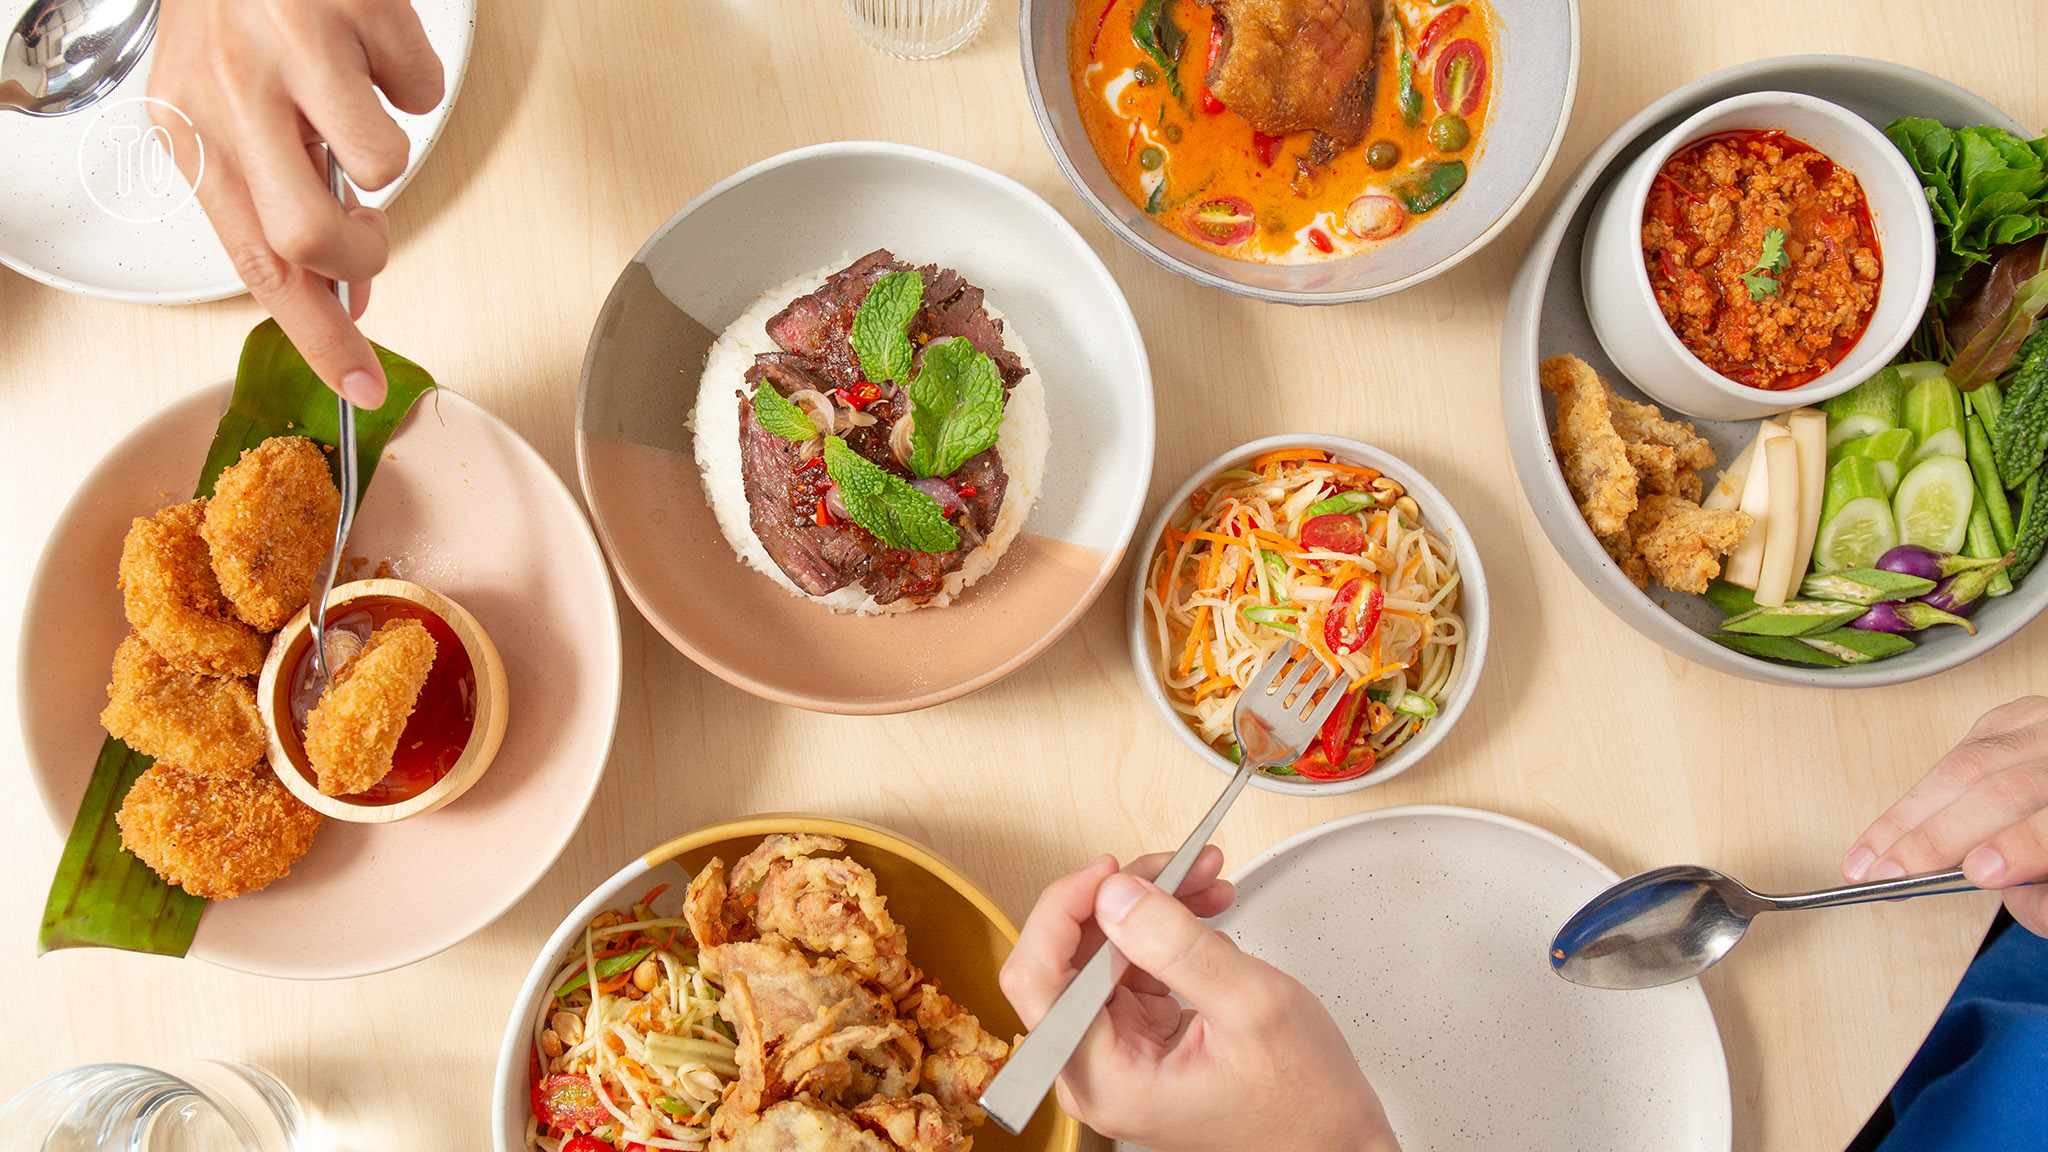 Saladang Dining Hall